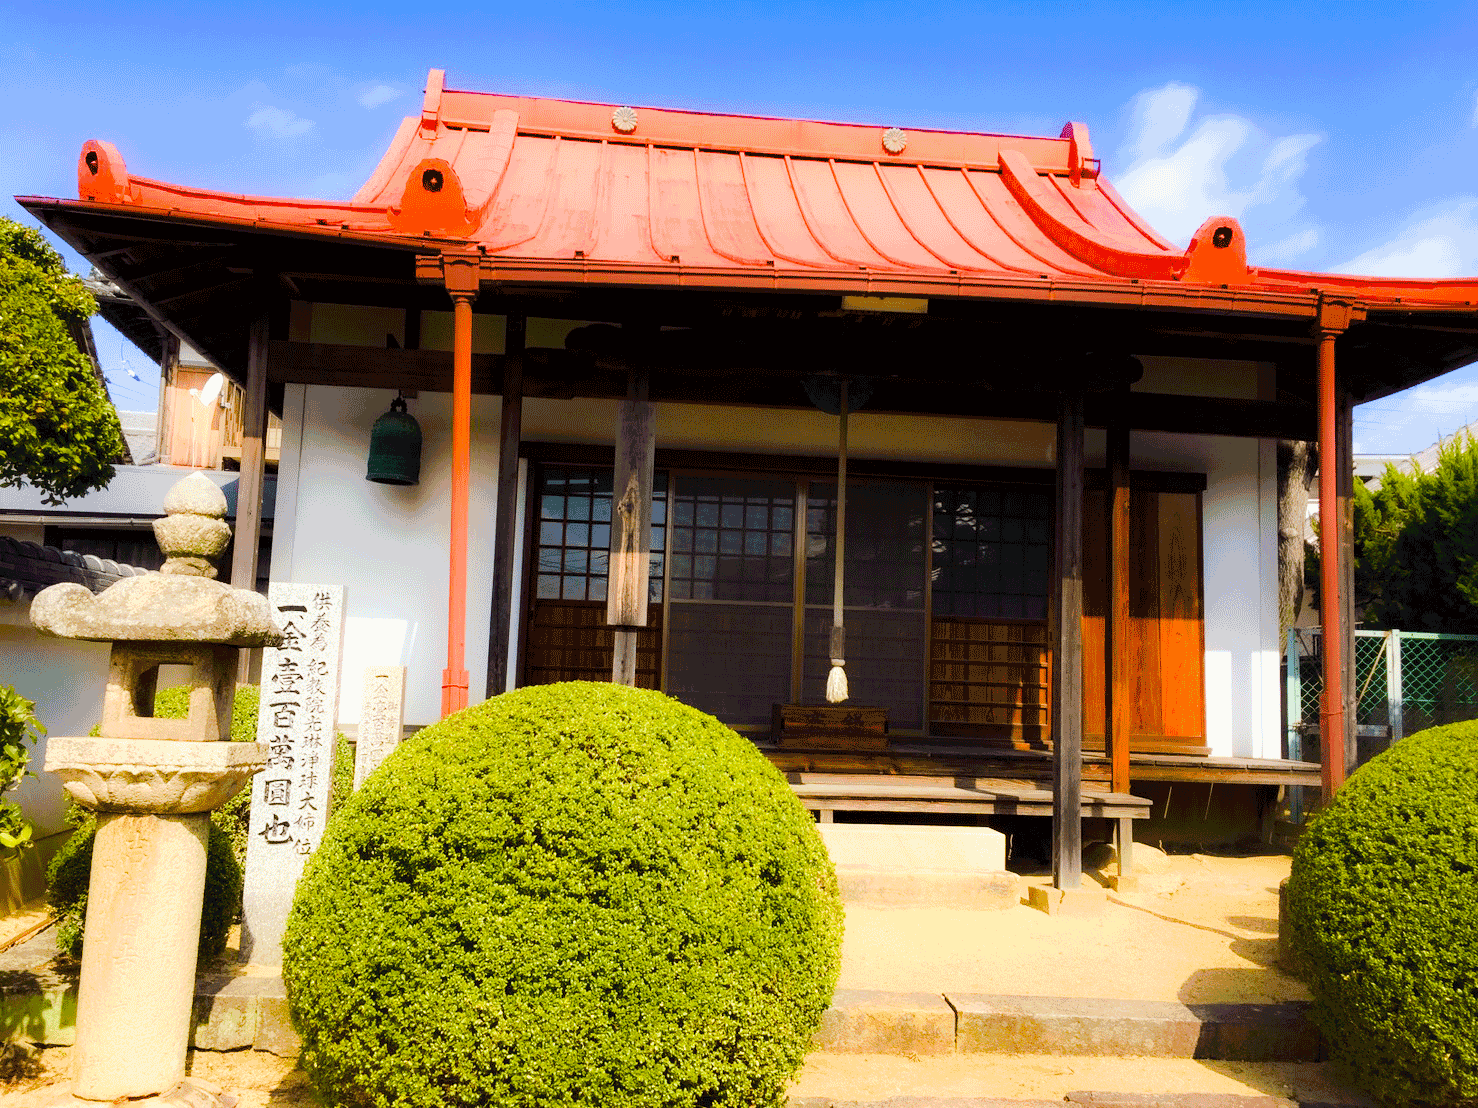 吉祥園寺の外観